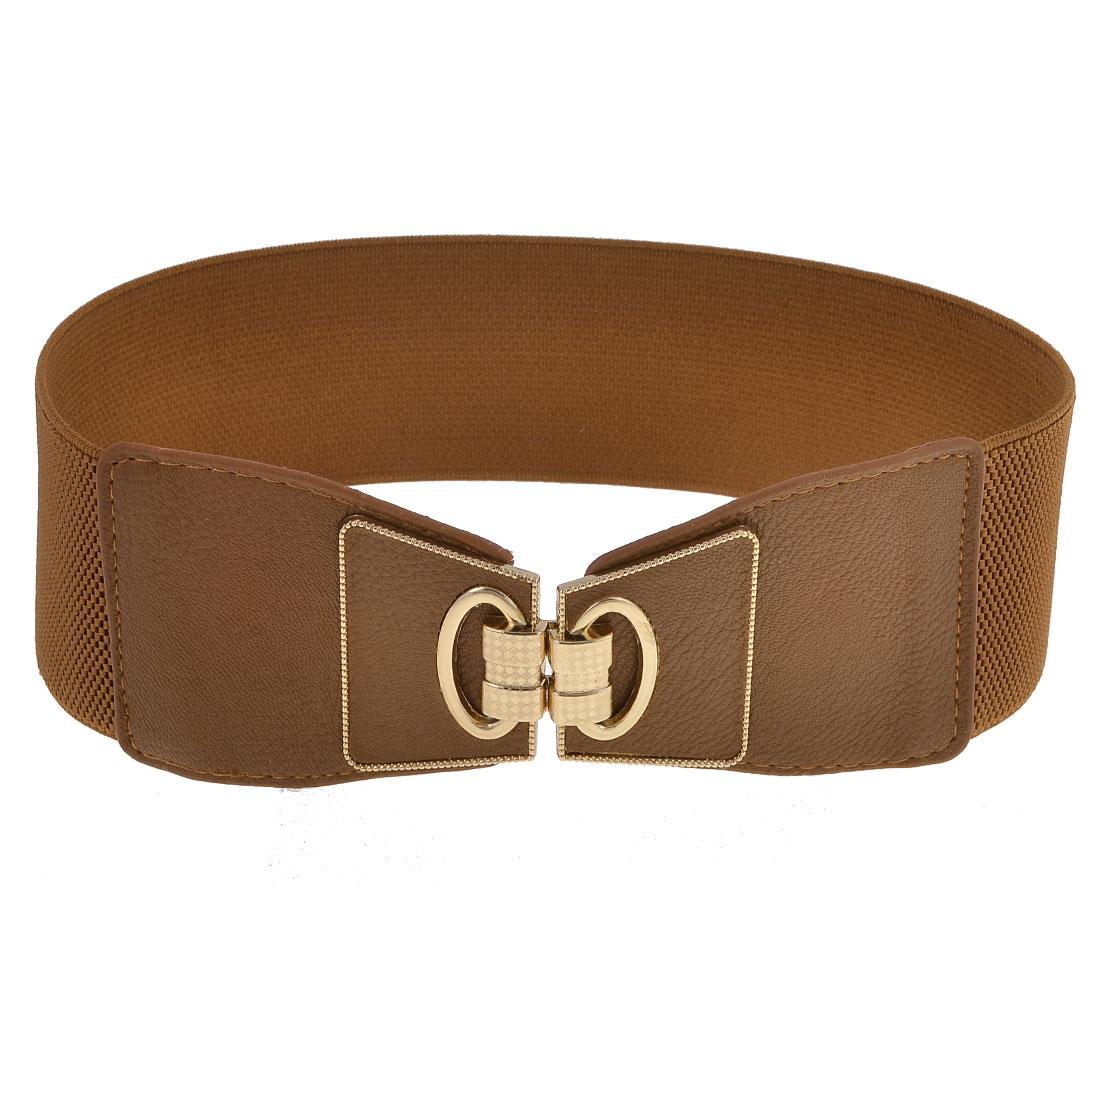 Ladies Interlocking Buckle Brown Stretch Waistband Cinch Belt Dress Decor